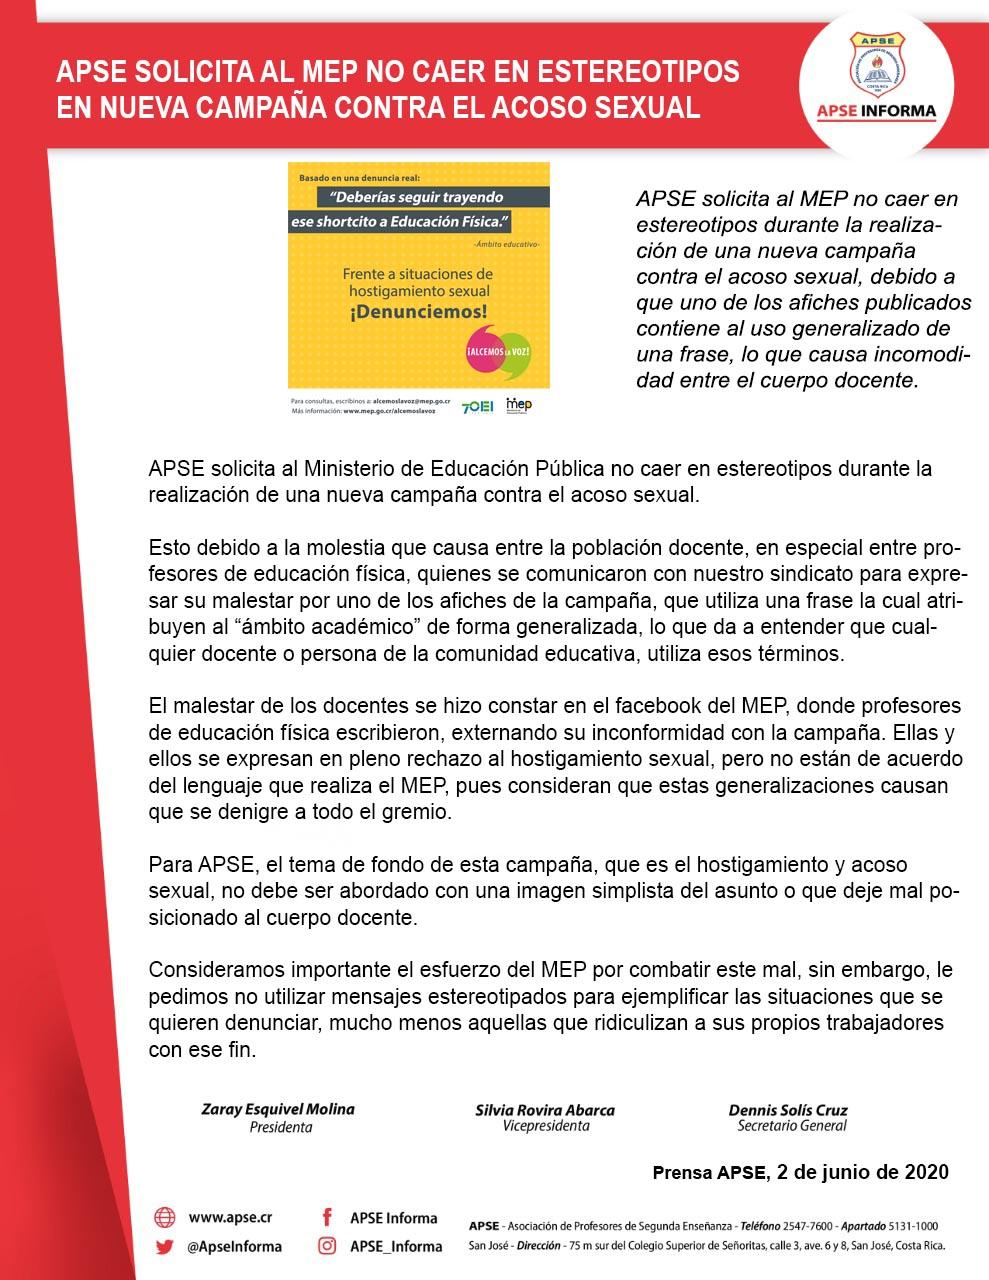 APSE SOLICITA AL MEP NO CAER EN ESTEREOTIPOS EN NUEVA CAMPAÑA CONTRA EL ACOSO SEXUAL